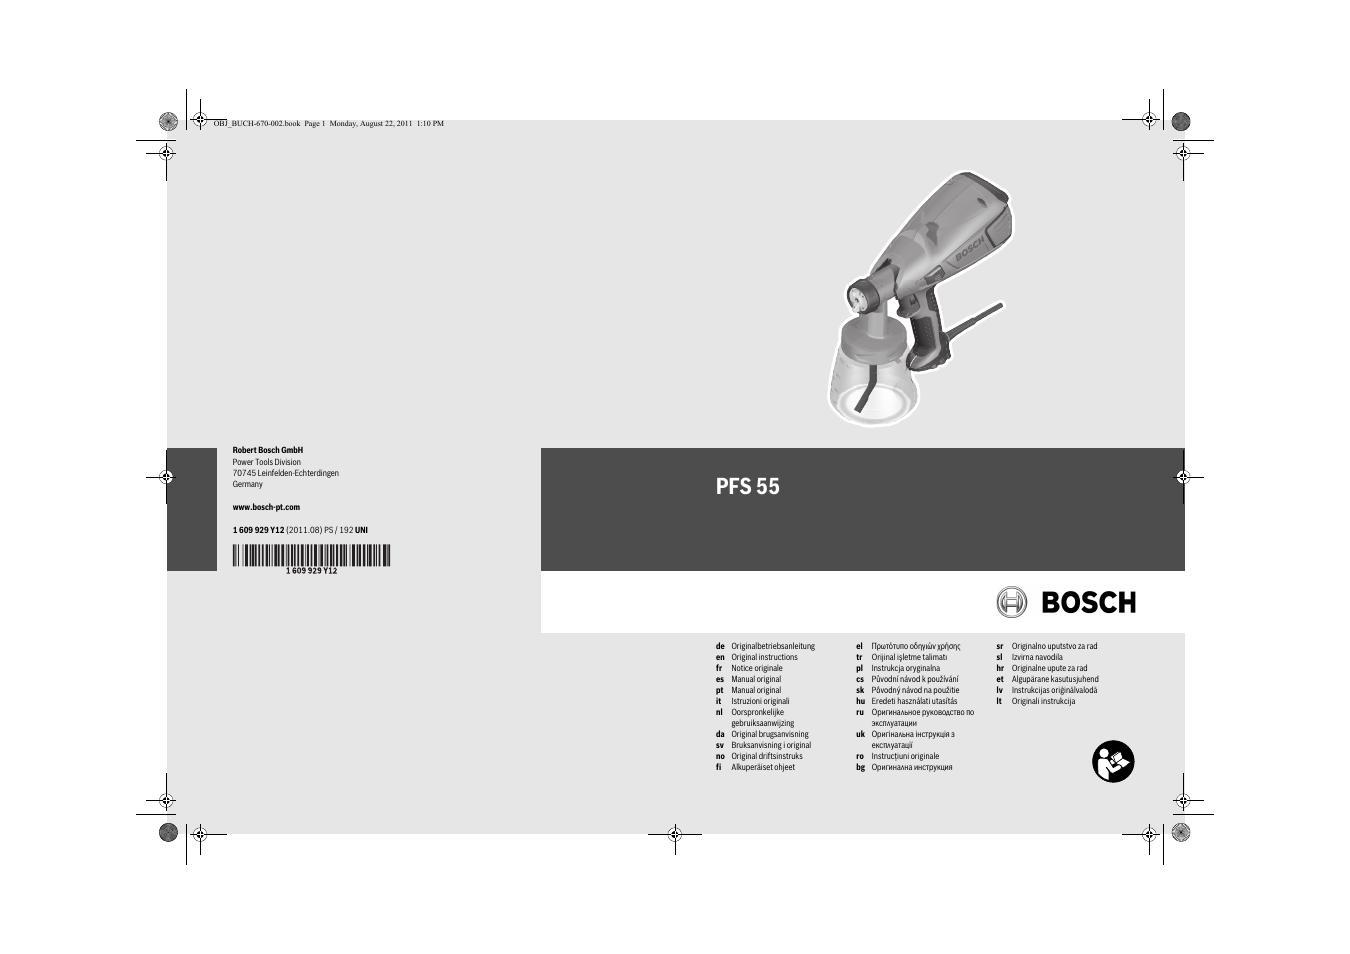 Deutsch, sicherheitshinweise | bosch pfs 55 user manual | page 7.